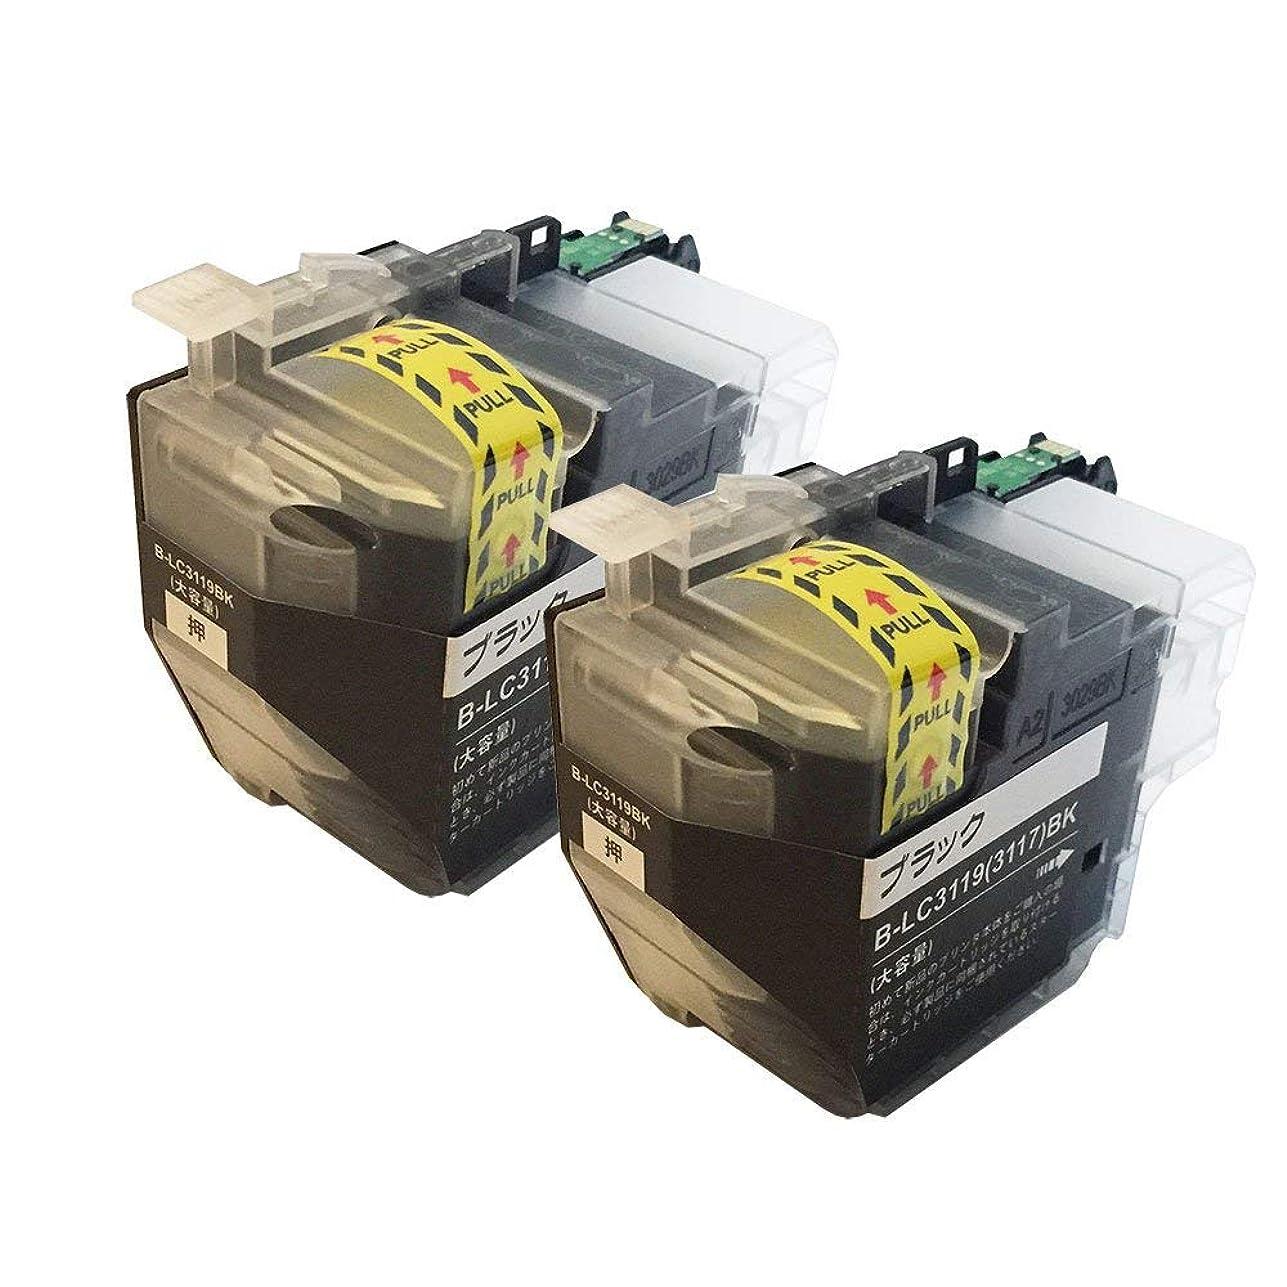 チロ運ぶ率直な3年保証 ブラザー (brother) LC3119 (LC3117 の大容量) MFC-J6980CDW / MFC-J6580CDW 対応 互換インクカートリッジ 残量表示チップ搭載 (純正同様の顔料インク使用) ブラック/黒 2個セット ベルカラー